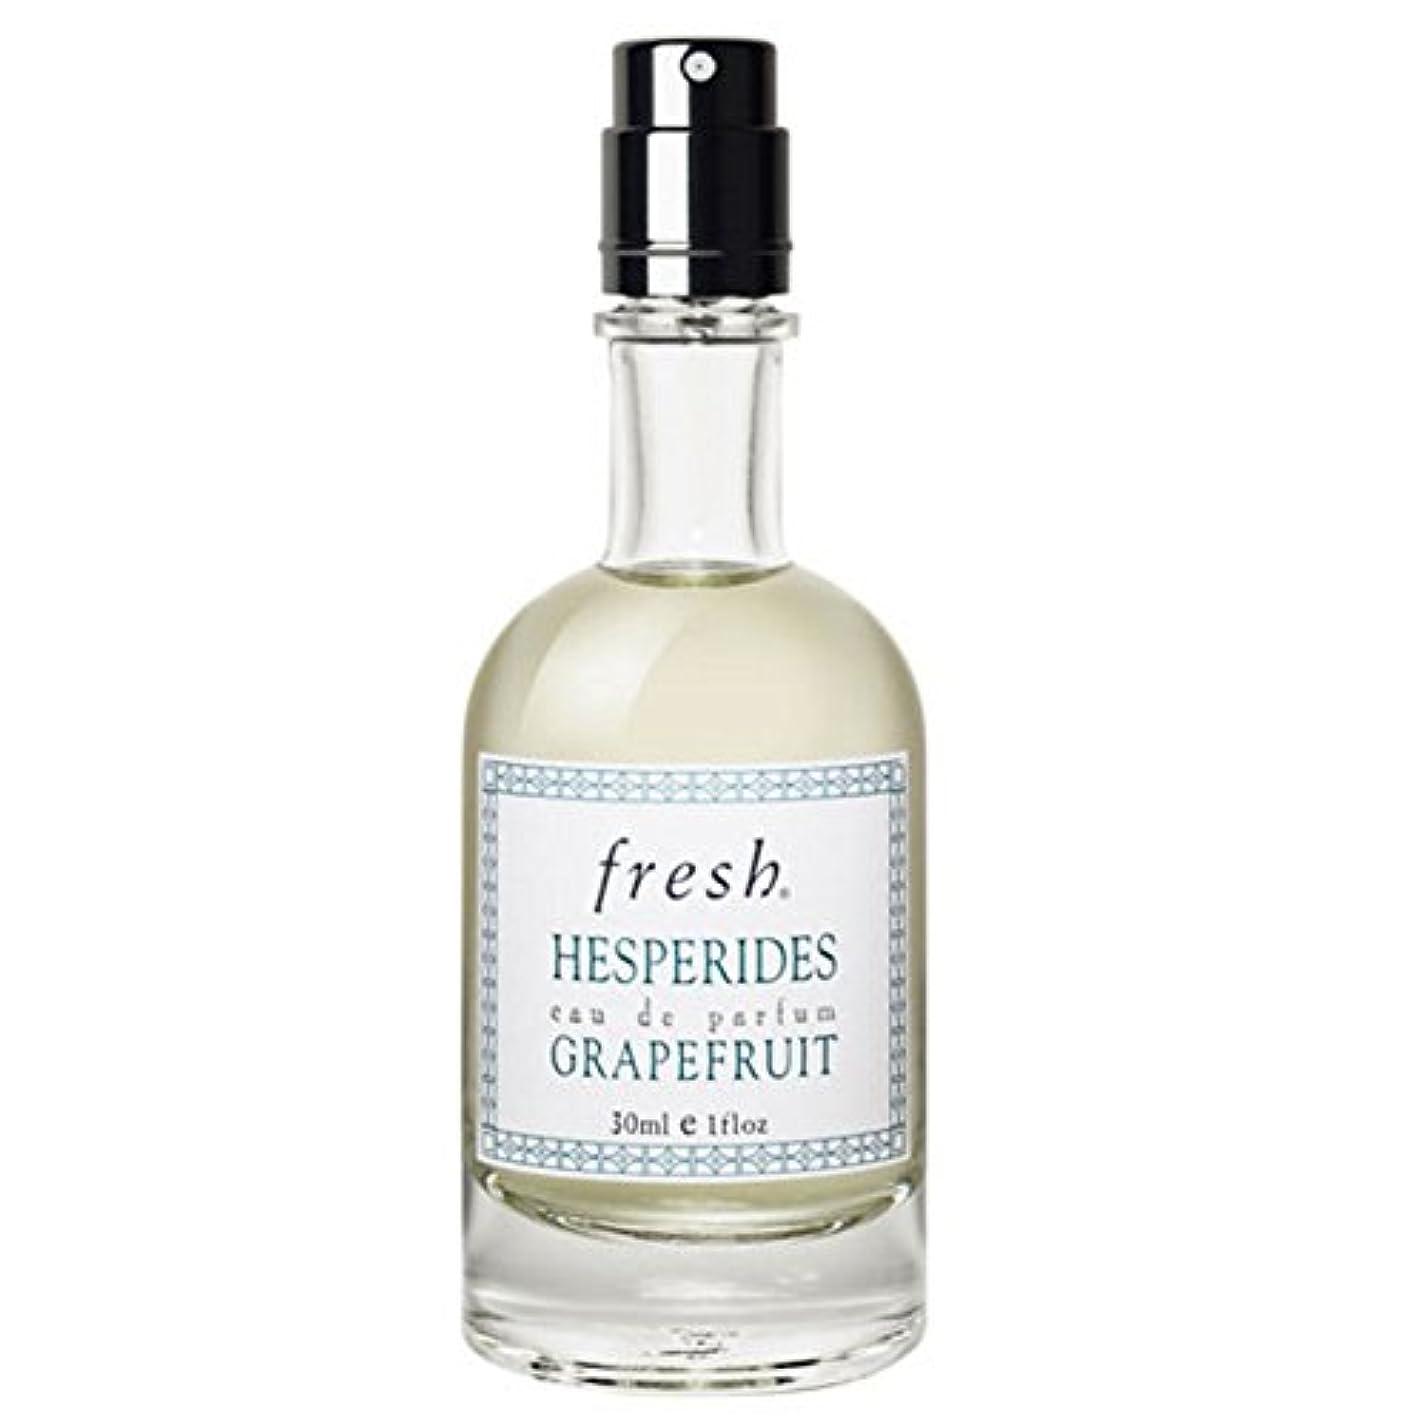 ブルジョン警告物質Fresh (フレッシュ) ヘスペリデスグレープフルーツオードパルファム,1 oz (30 ml)- Hesperides Grapefruit。[並行輸入品] [海外直送品]